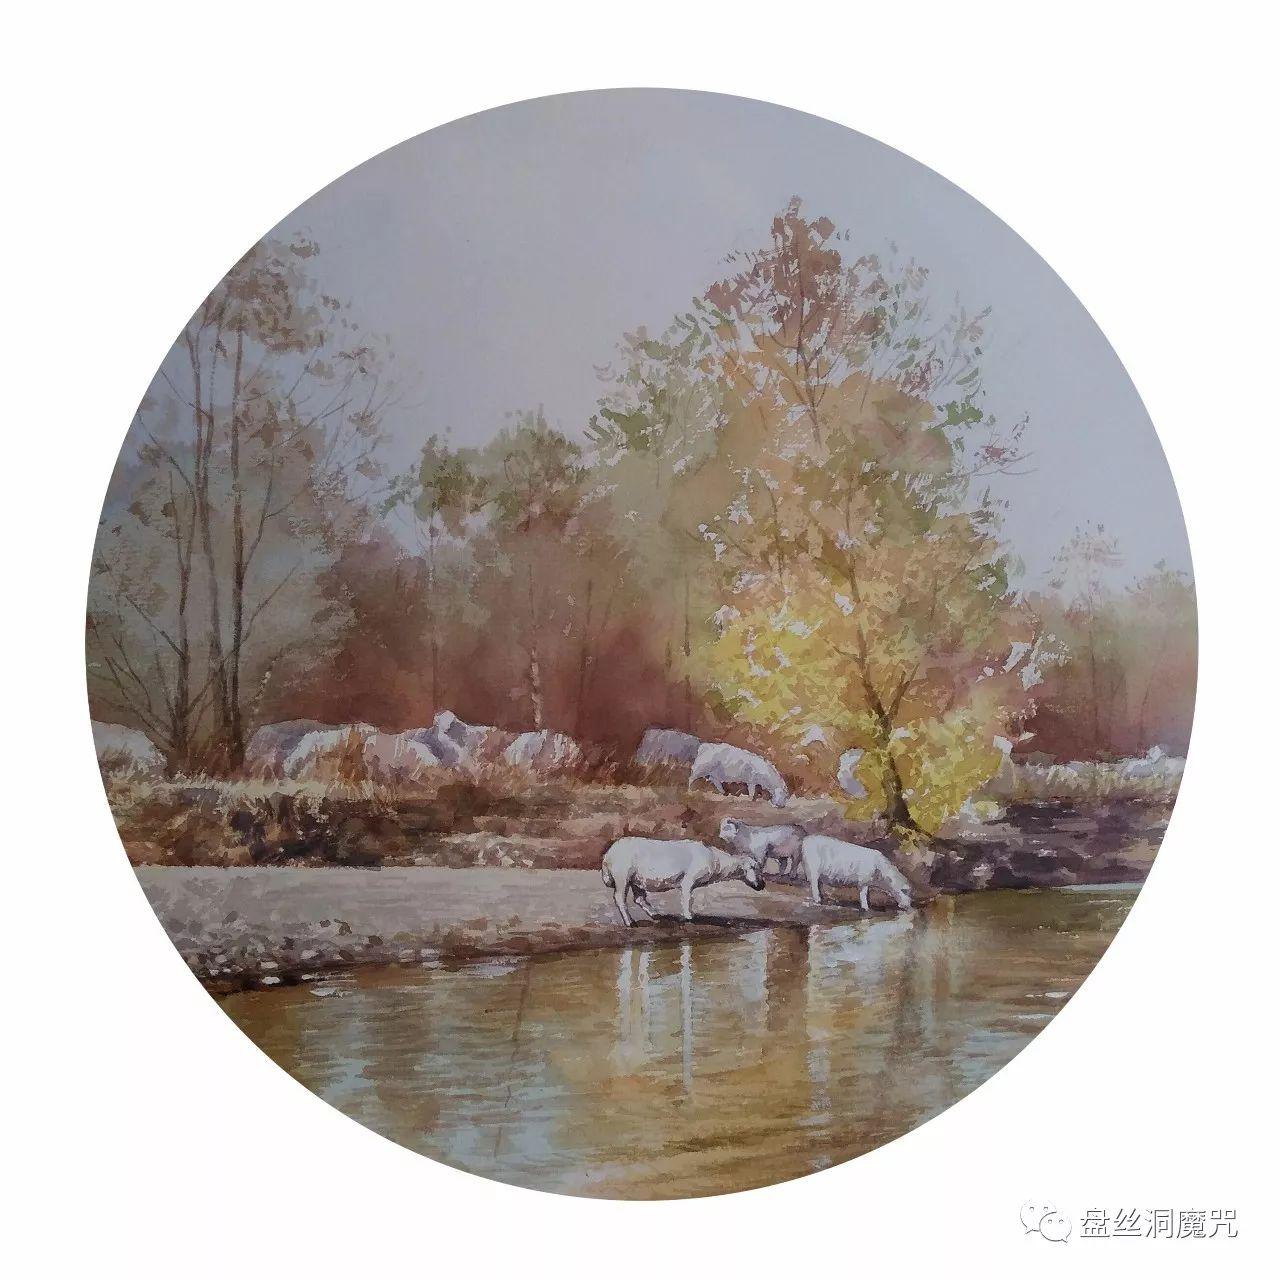 白连福水彩作品欣赏 第30张 白连福水彩作品欣赏 蒙古画廊